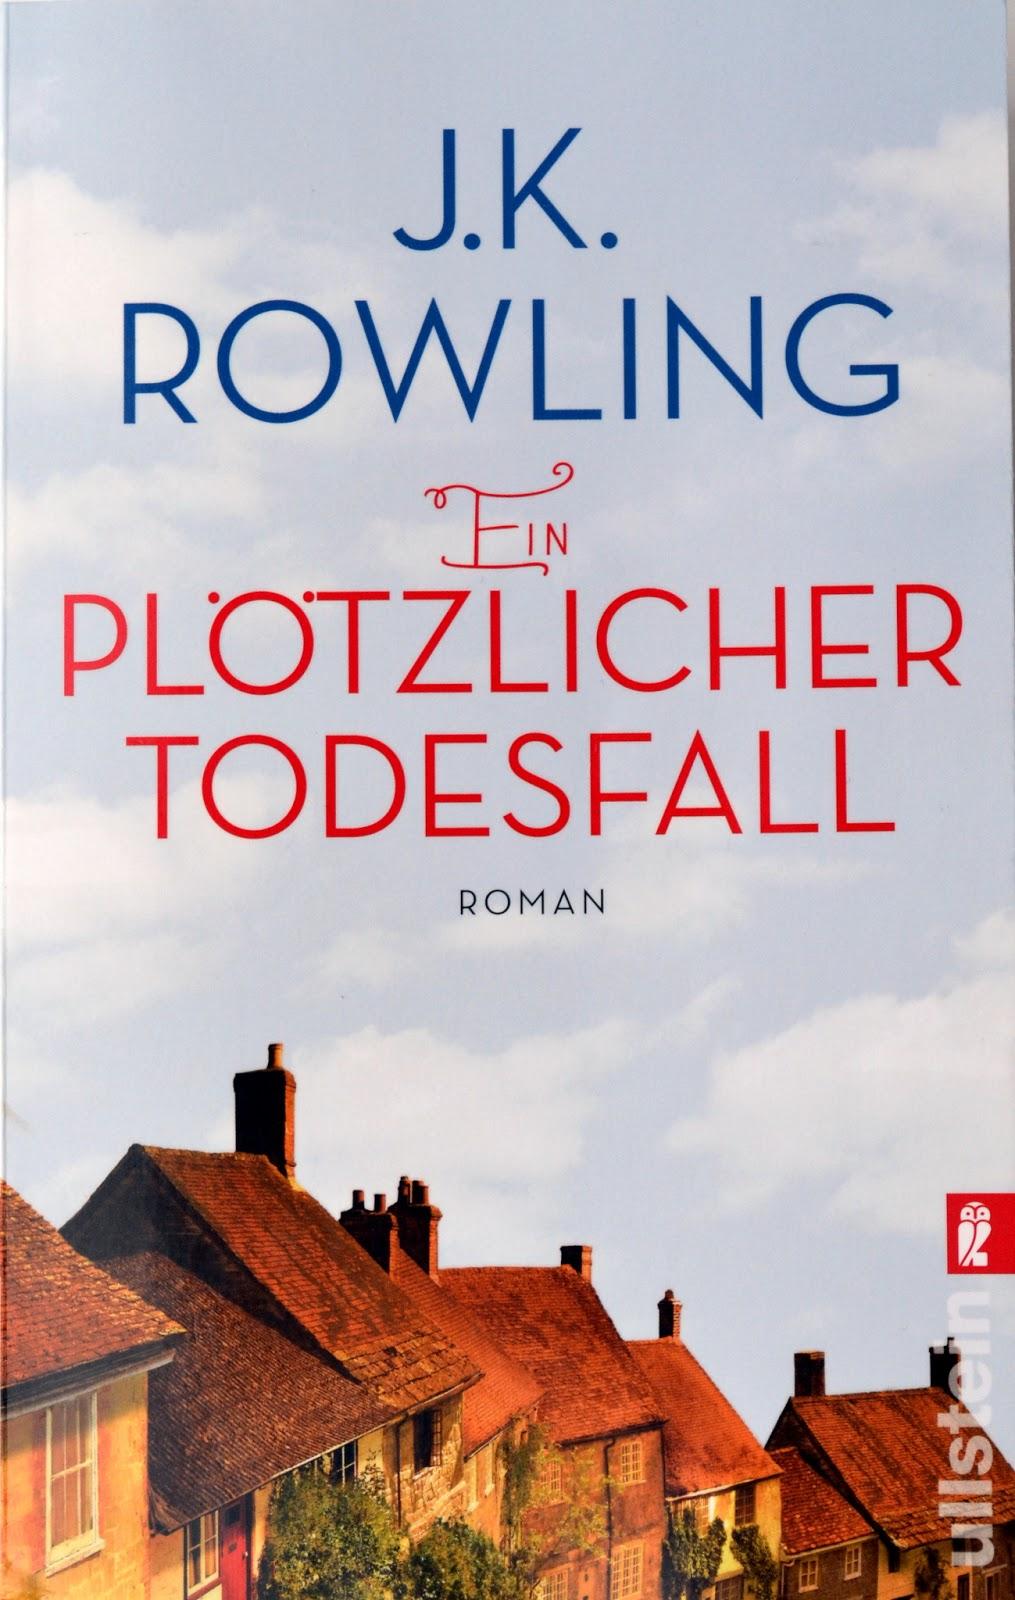 http://lenas-sofa.blogspot.de/2014/05/ein-plotzlicher-todesfall-jk-rowling.html